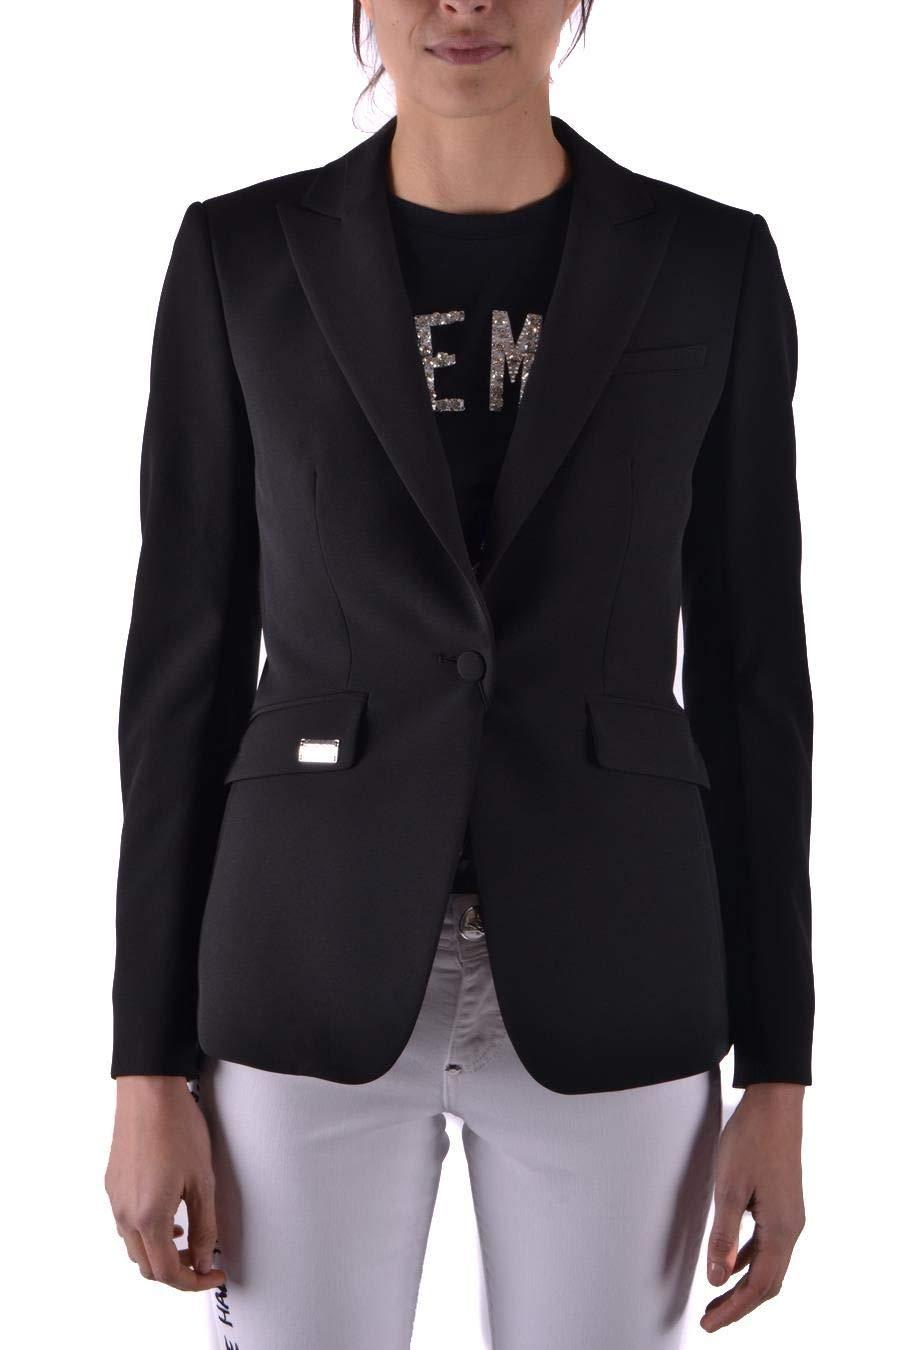 Philipp Plein Women's WRF0092PTE008N02 Black Polyester Blazer